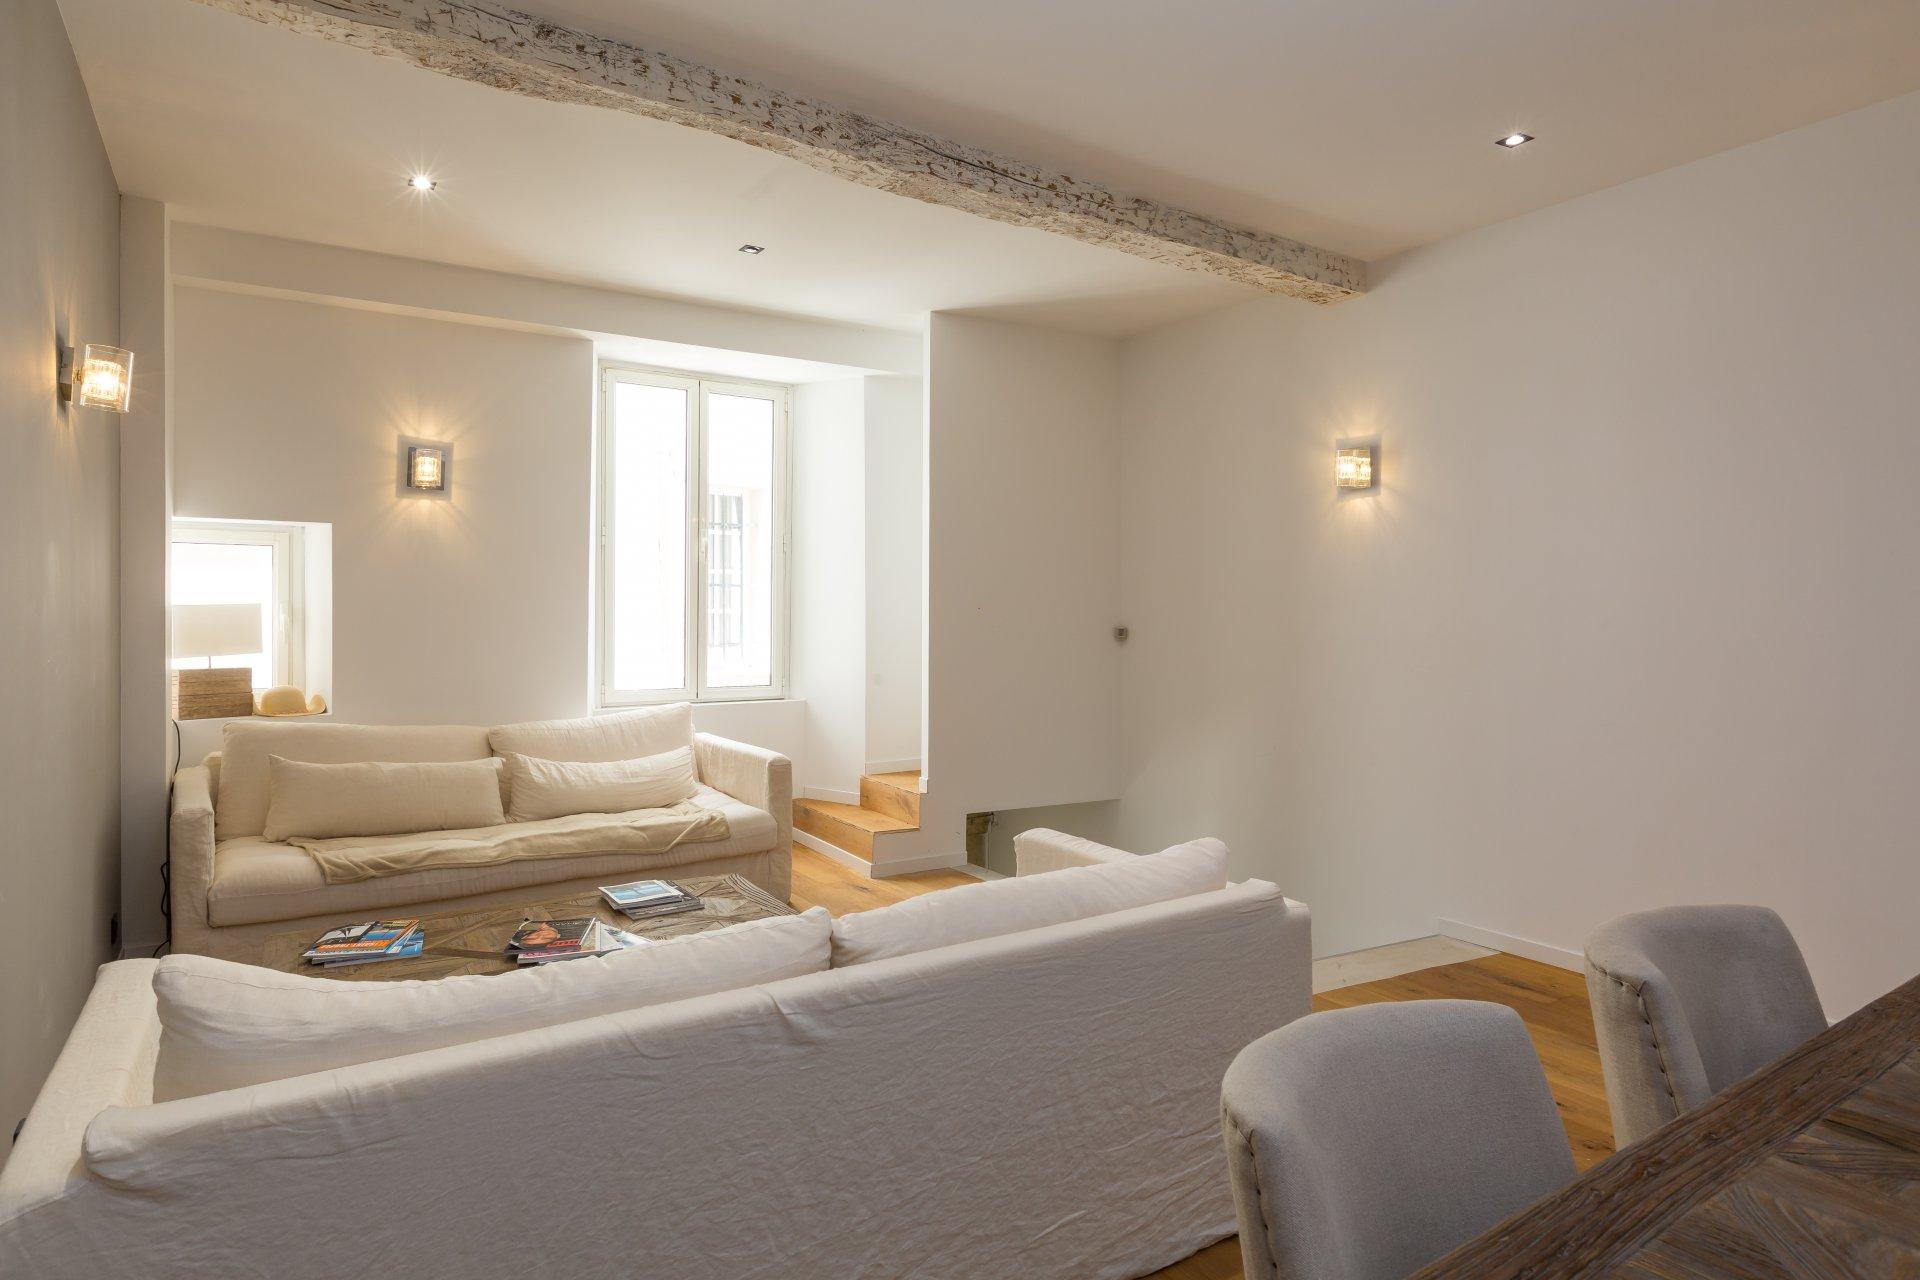 Annuncio vendita casa di paese saint tropez village 83990 for Case di cinque camere da letto in vendita